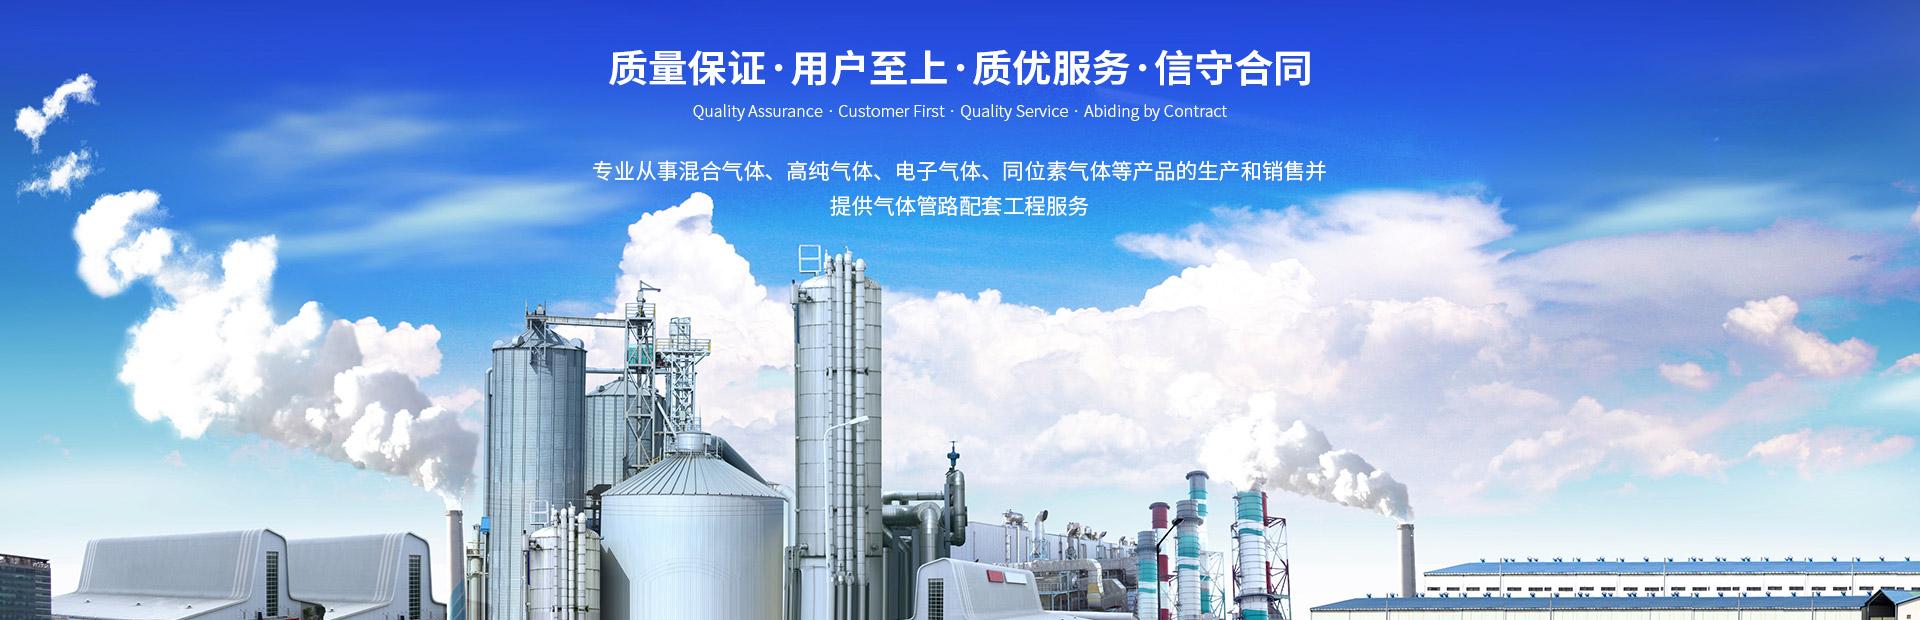 上海隆鑫工业气体有限公司